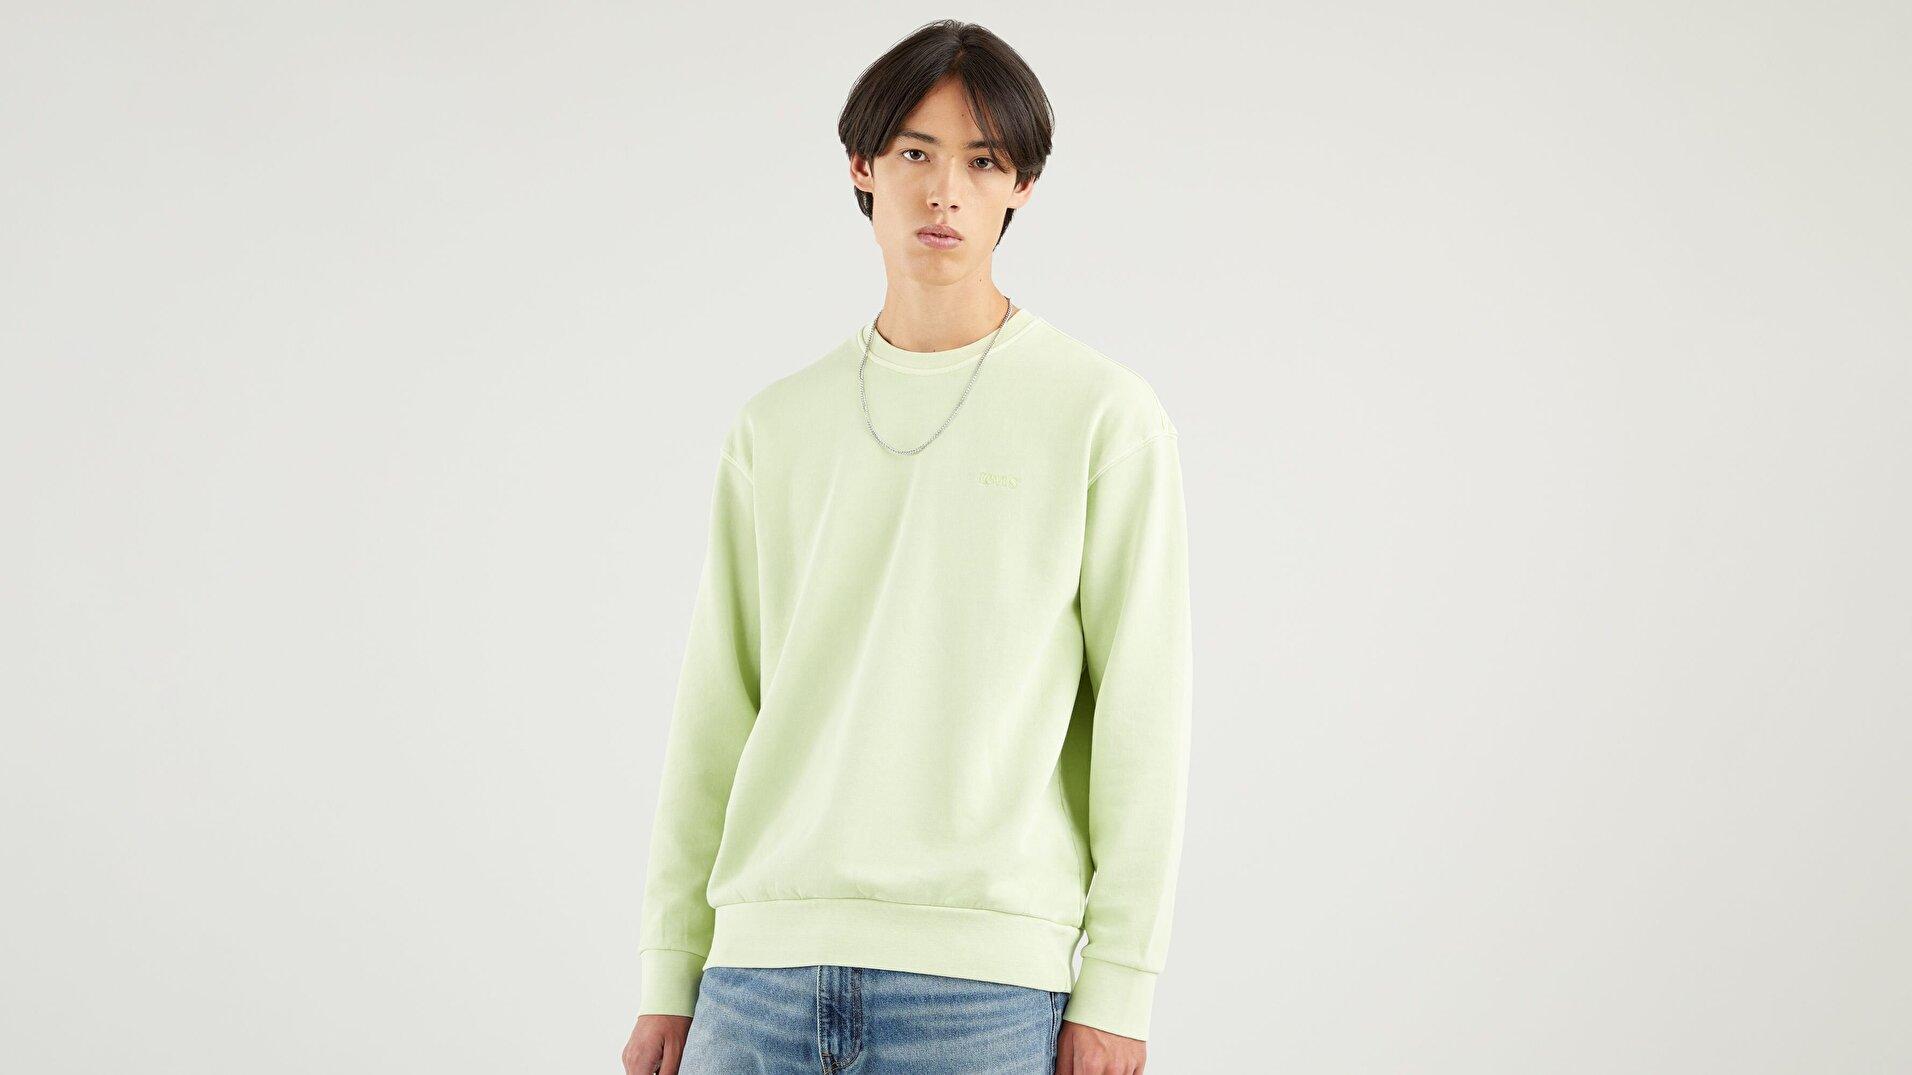 Relaxed Mv Crew Shadow Lime Garment Yeşil  Erkek Sweatshirt